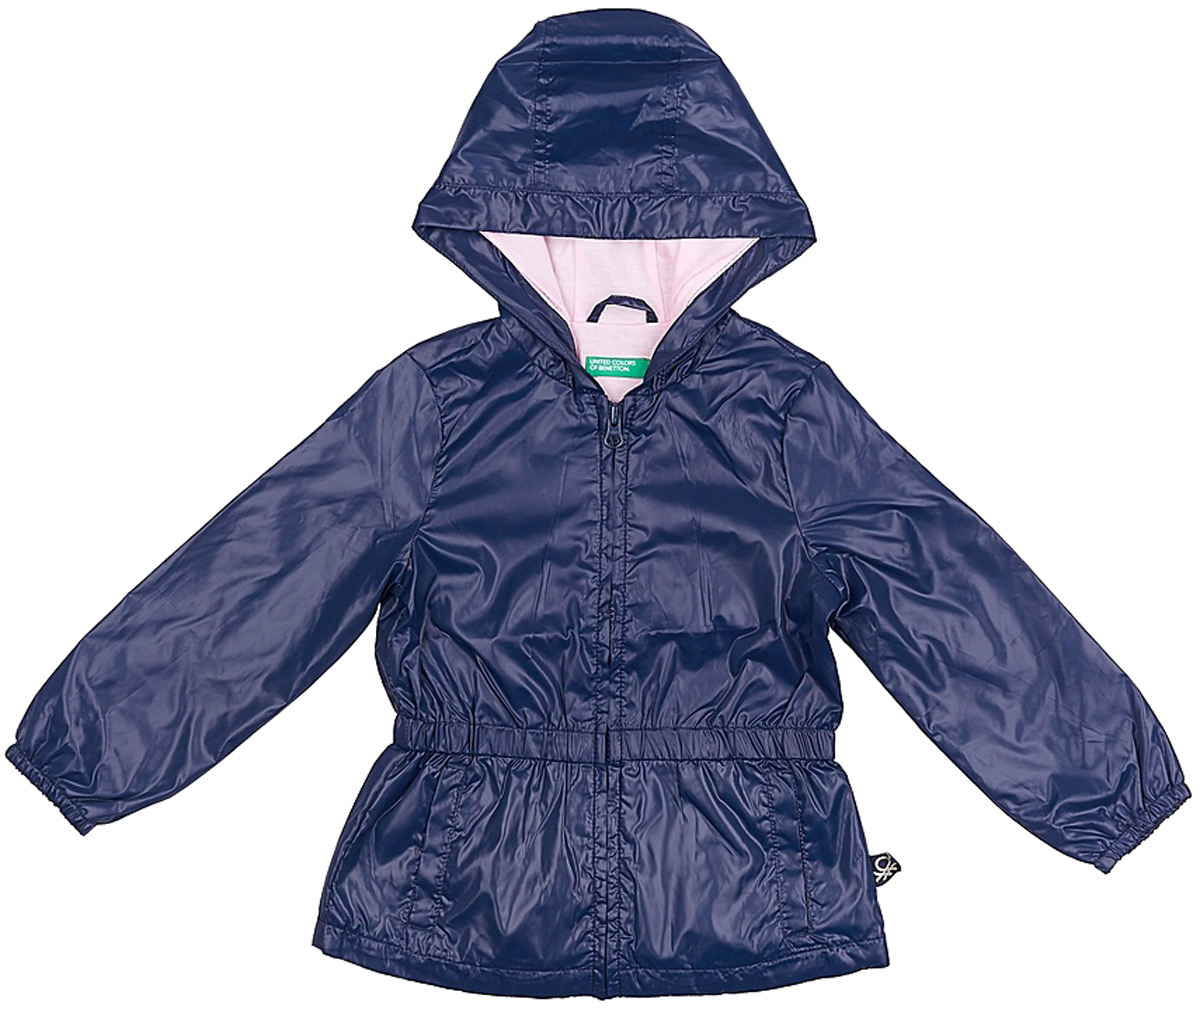 Куртка для девочки United Colors of Benetton, цвет: синий. 2EO053BX0_13C. Размер 1202EO053BX0_13CЛегкая куртка от United Colors of Benetton выполнена из высококачественного полиэстера на хлопковом подкладе. Модель с длинными рукавами и капюшоном застегивается на молнию, по бокам дополнена втачными карманами.